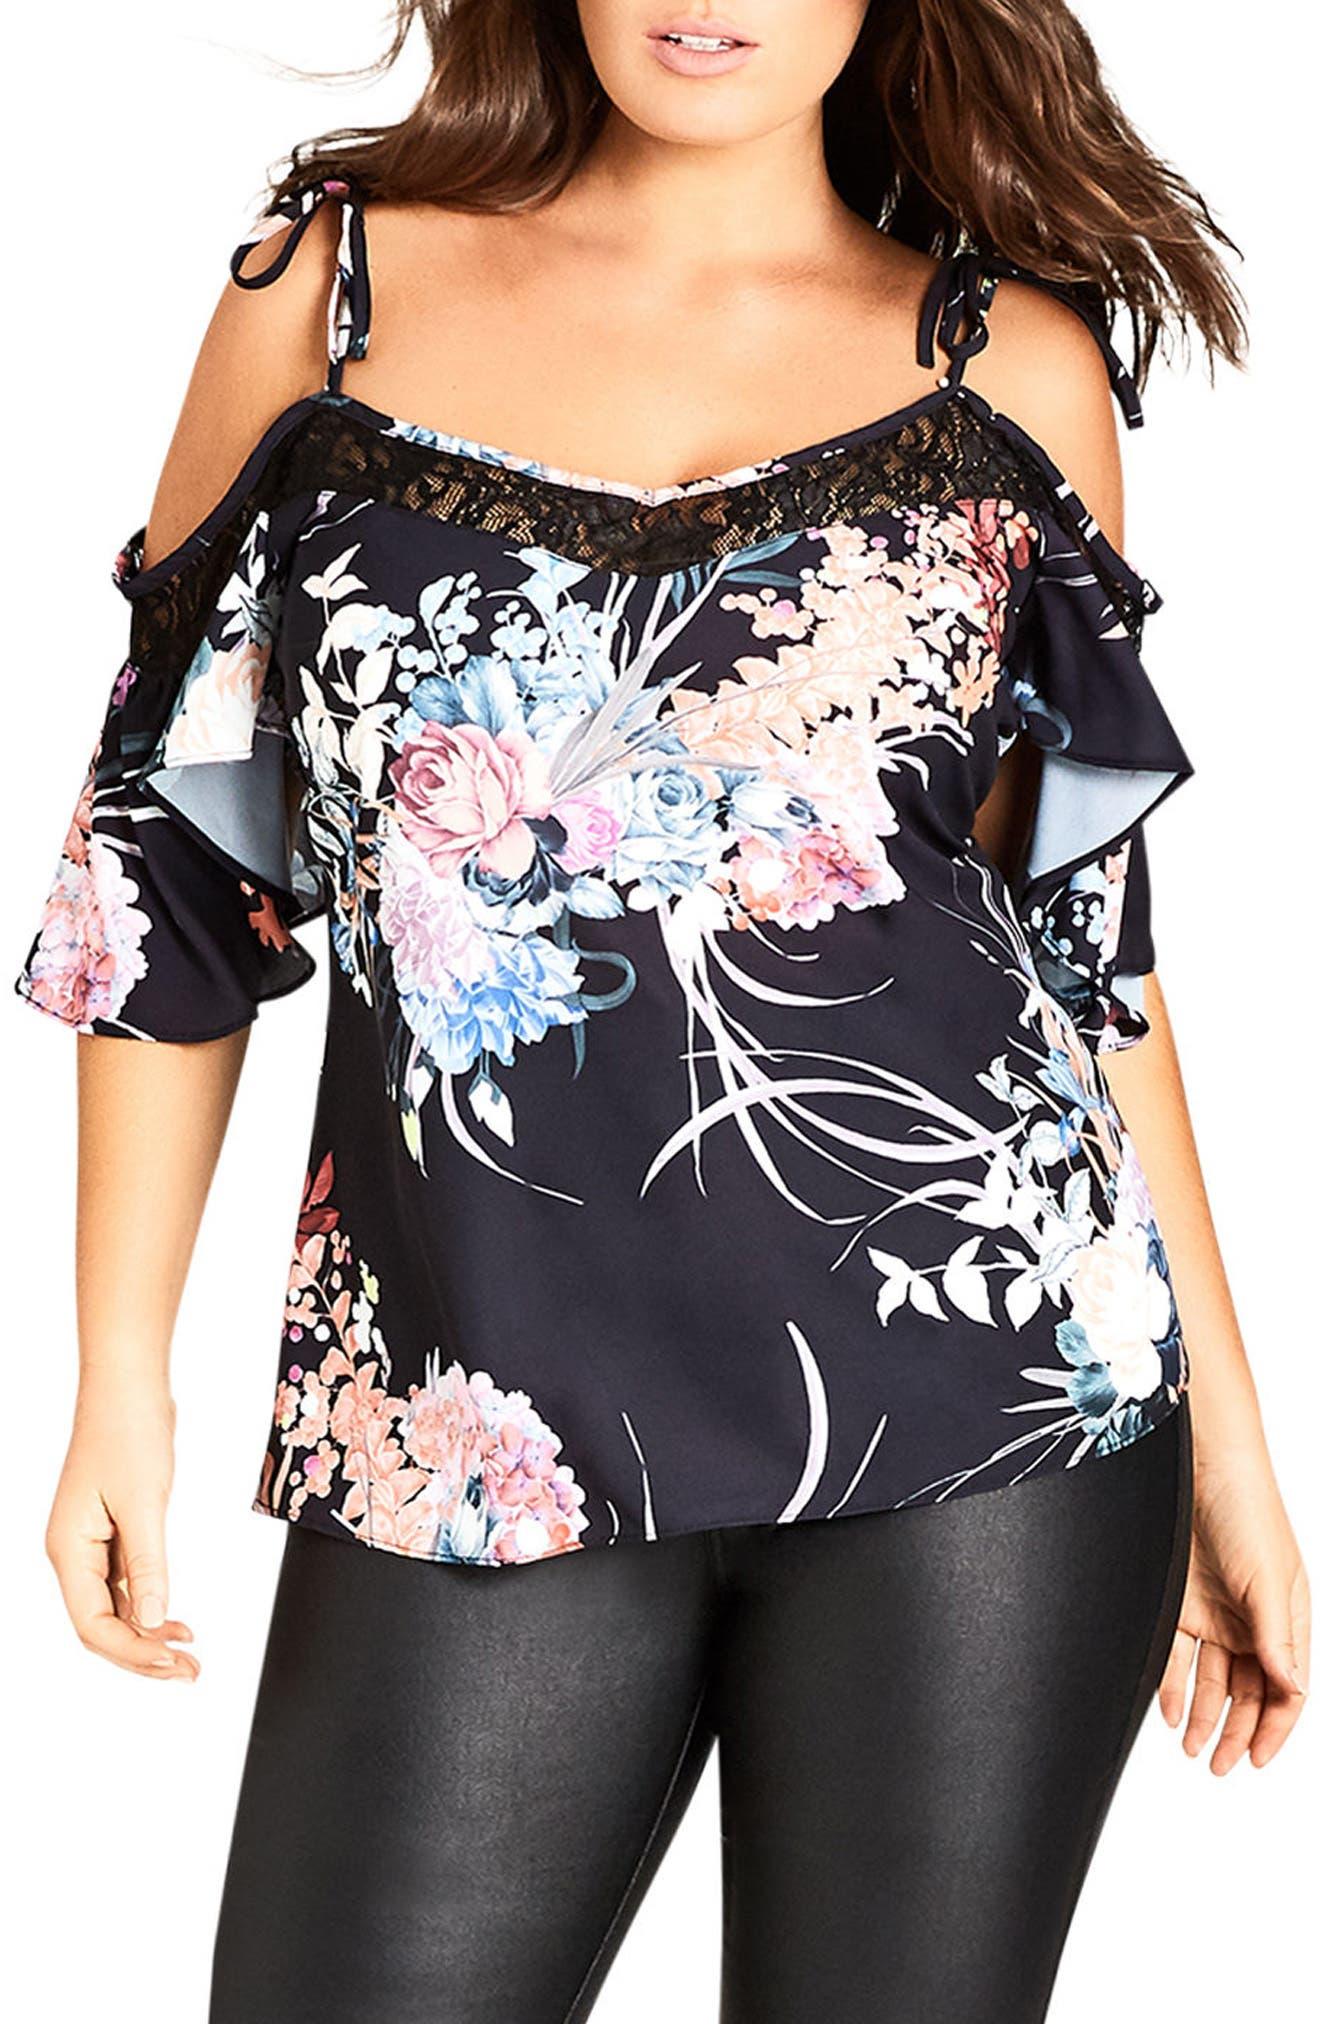 Main Image - City Chic Lace Flourish Cold Shoulder Top (Plus Size)